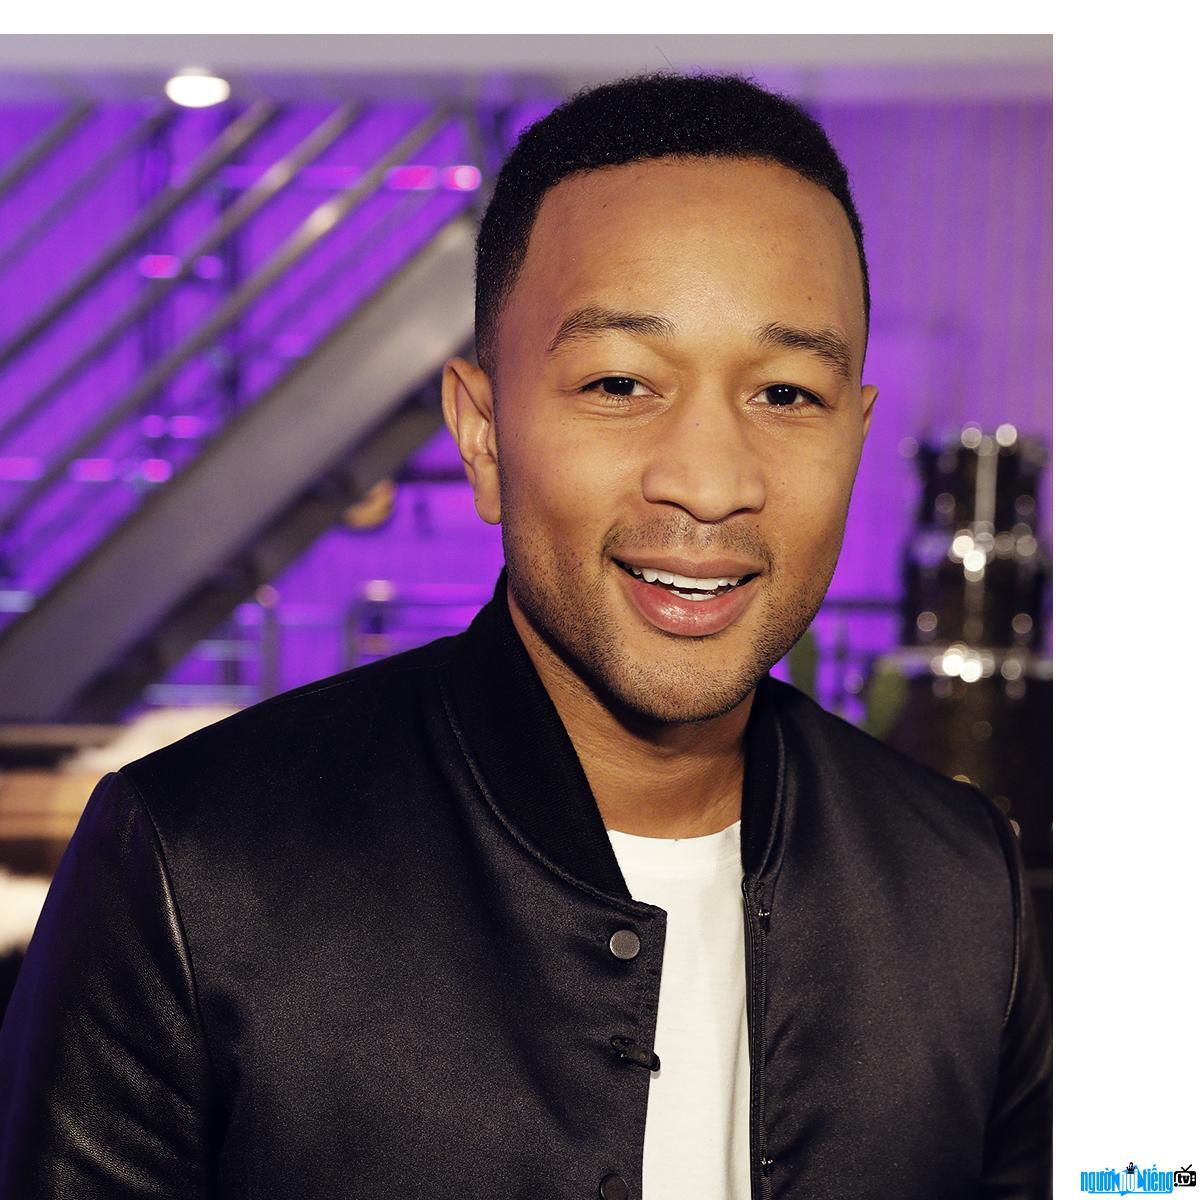 Chân dung Ca sĩ R&B John Legend